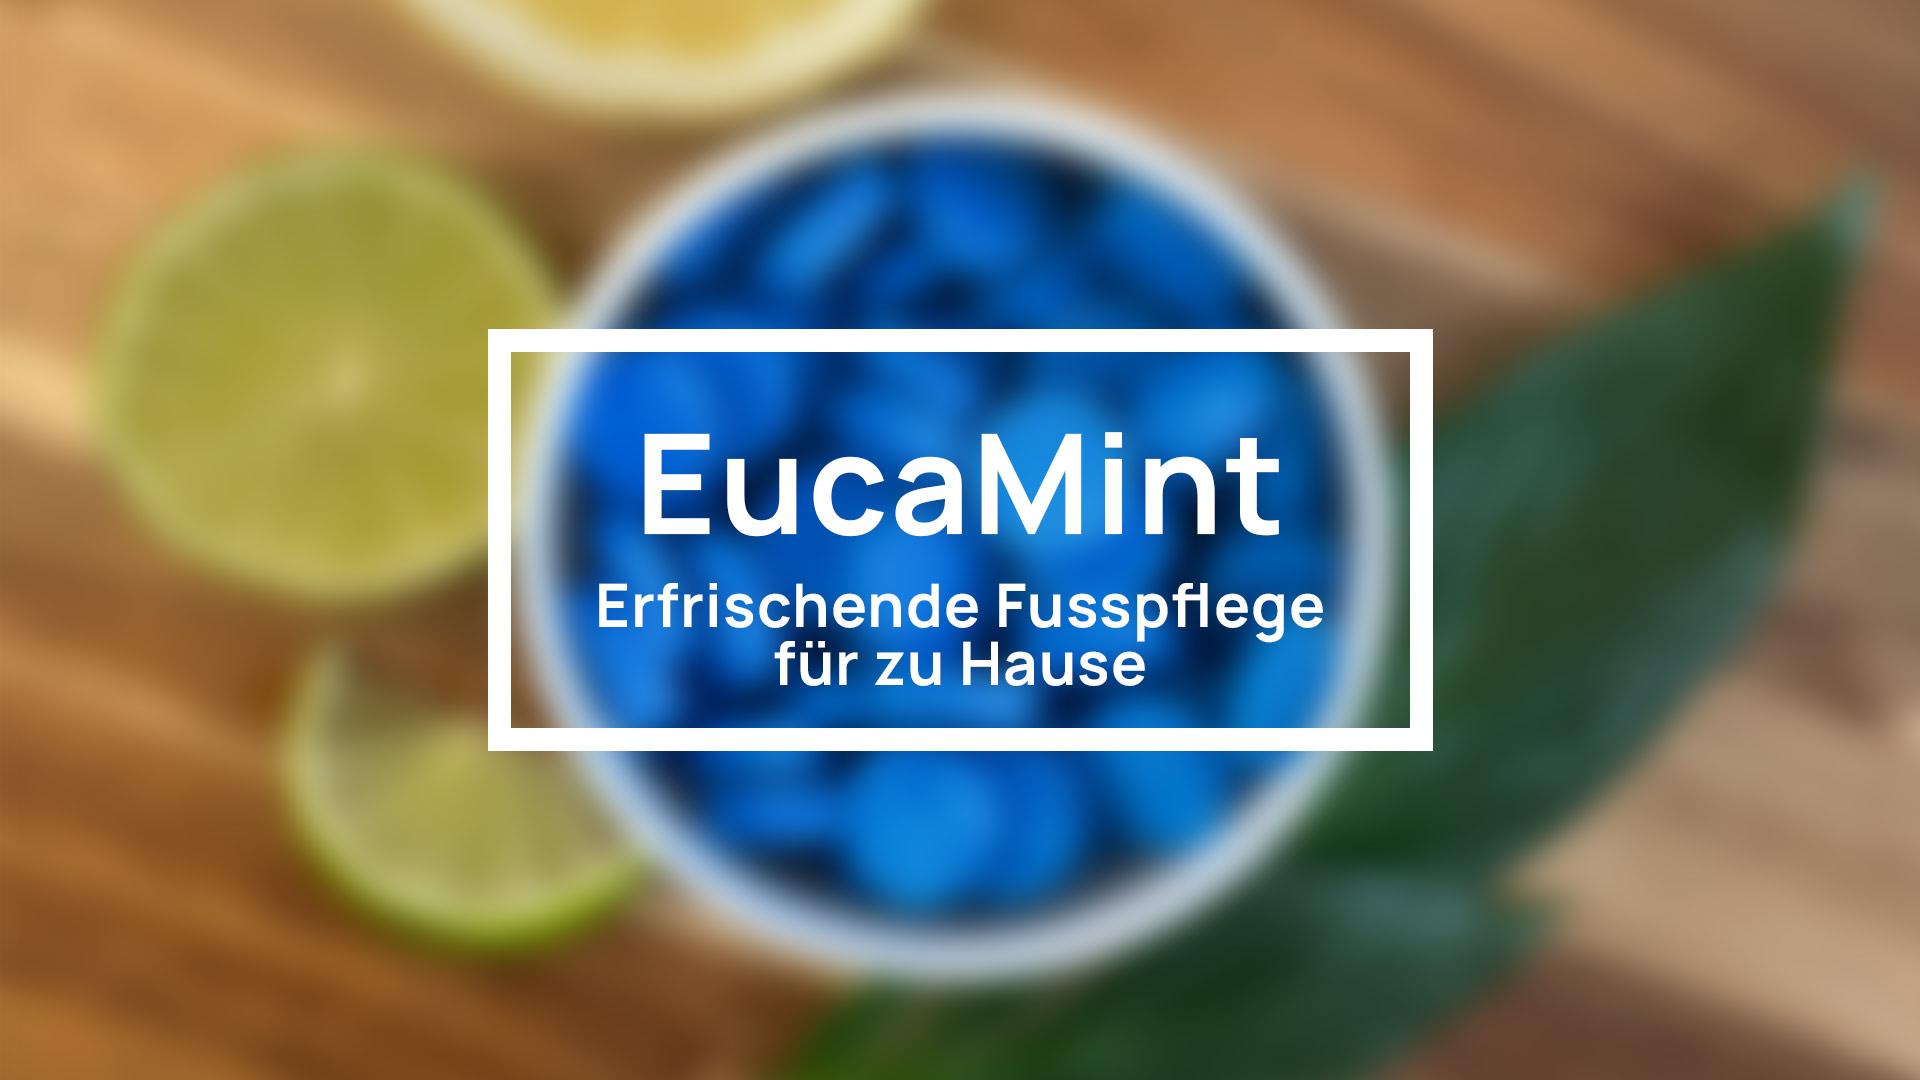 Yves Swiss AG | Eucamint - Fusspflege